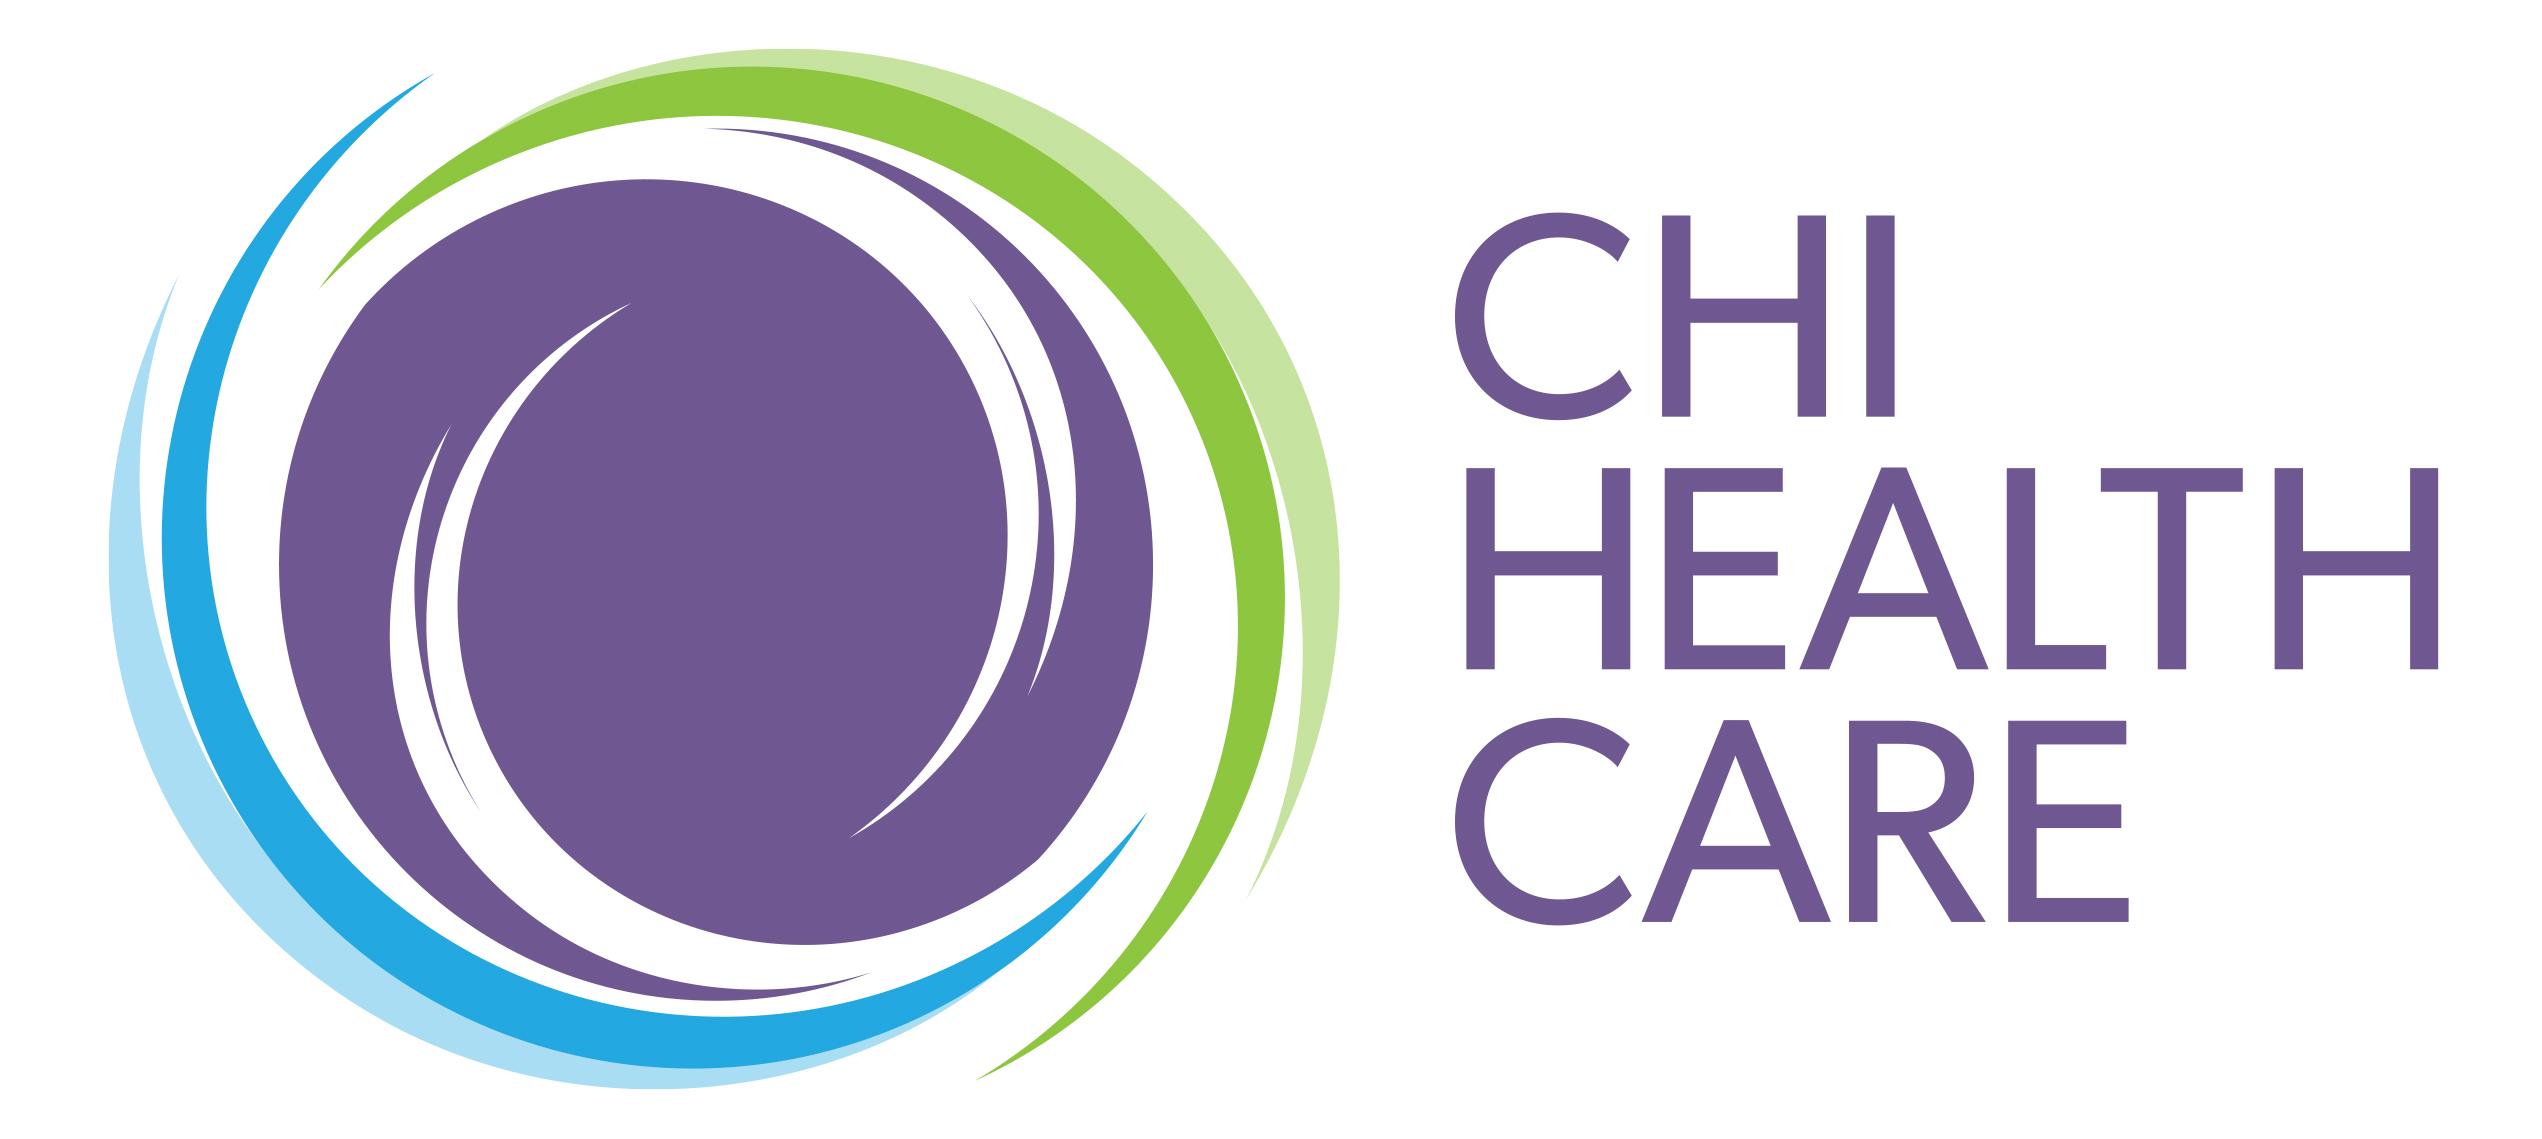 CHI HEALTH CARE